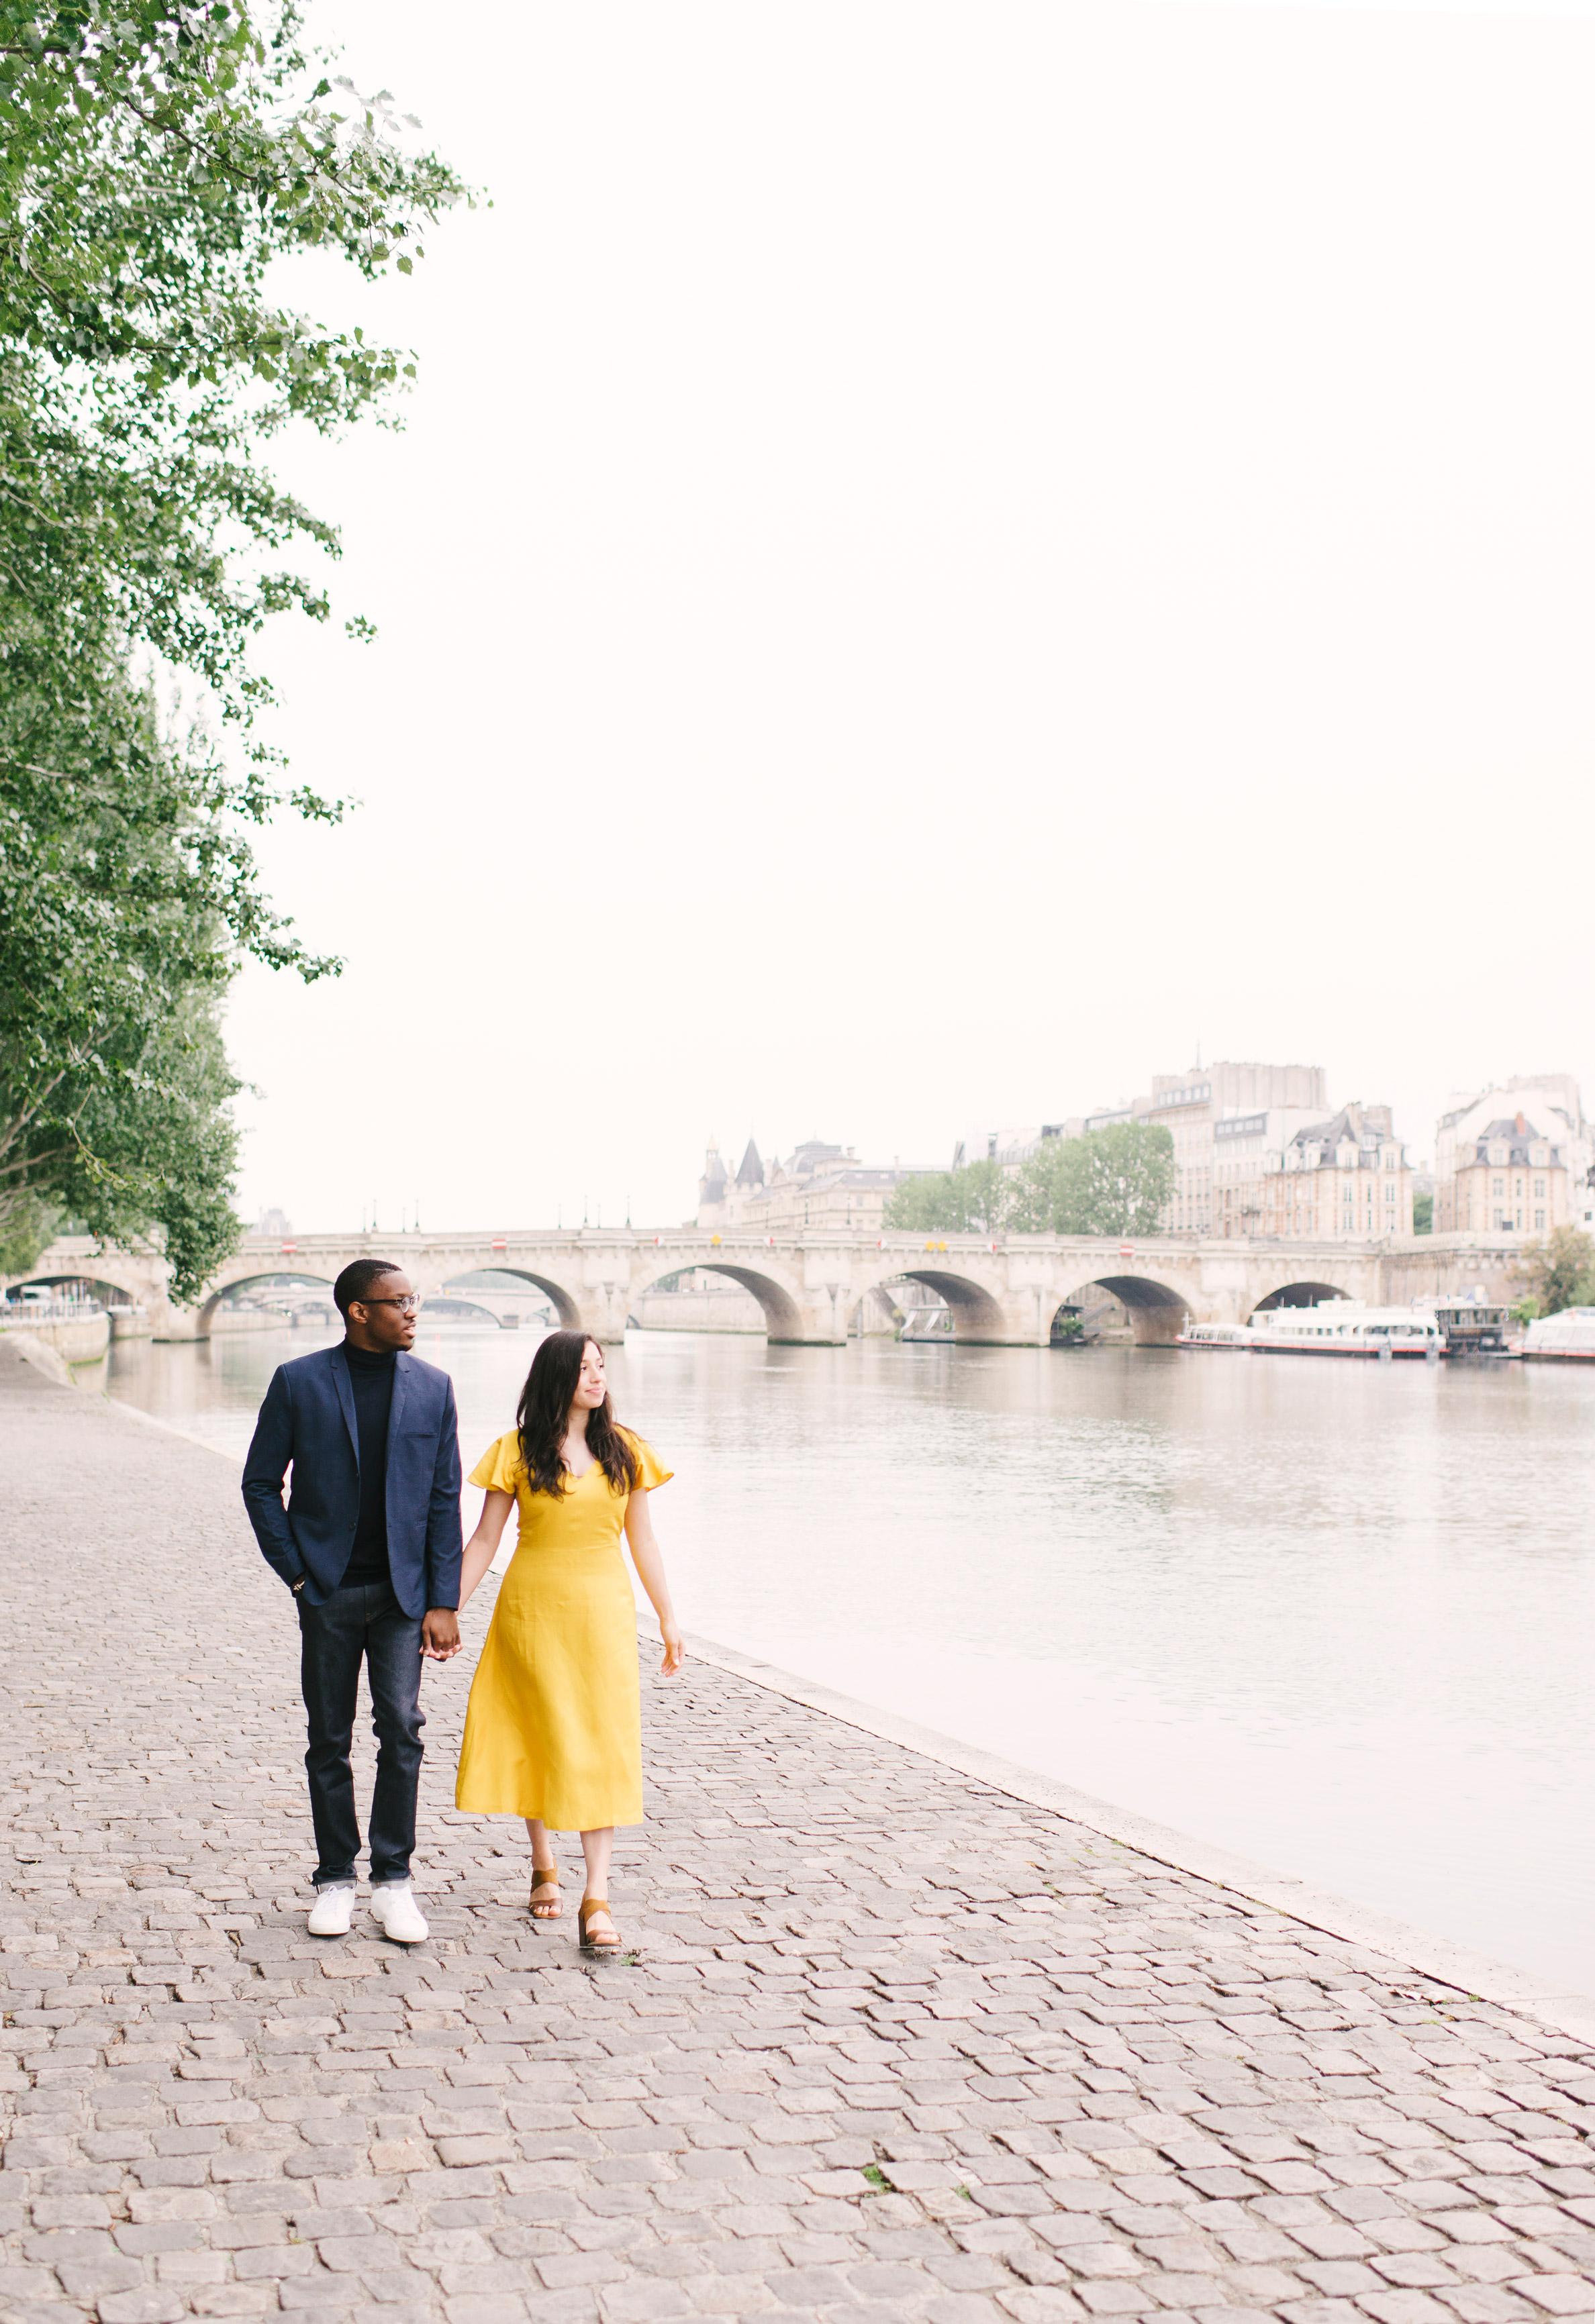 Couple-photoshoot-Paris-Pont-des-arts-Louvre-PalaisRoyale-008.jpg